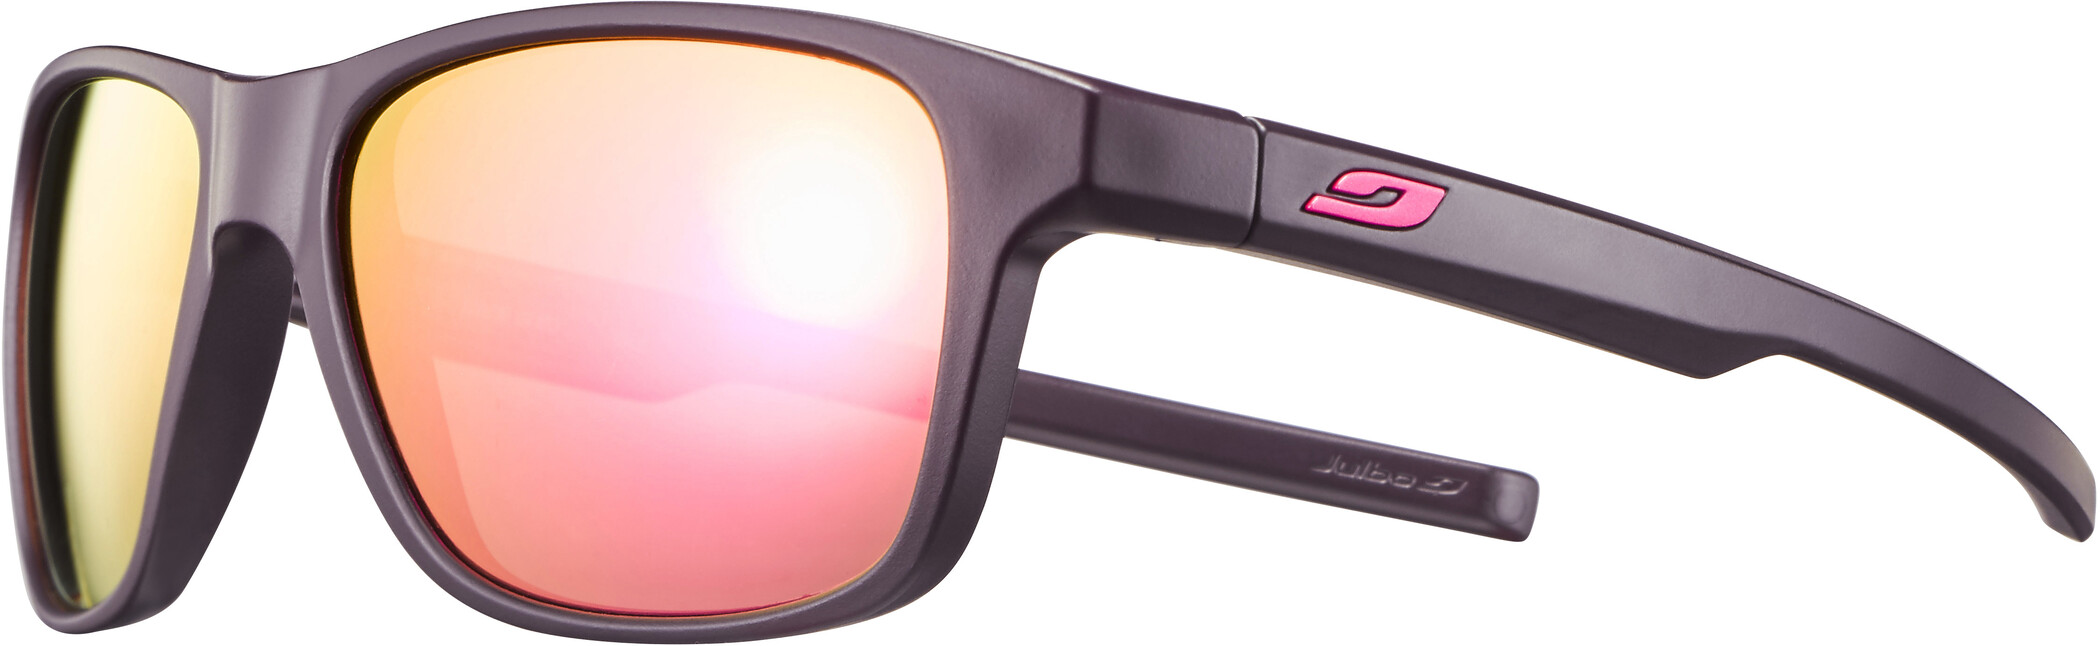 Julbo Cruiser Spectron 3CF Solbriller, matt aubergine/multilayer rosa (2020) | Glasses